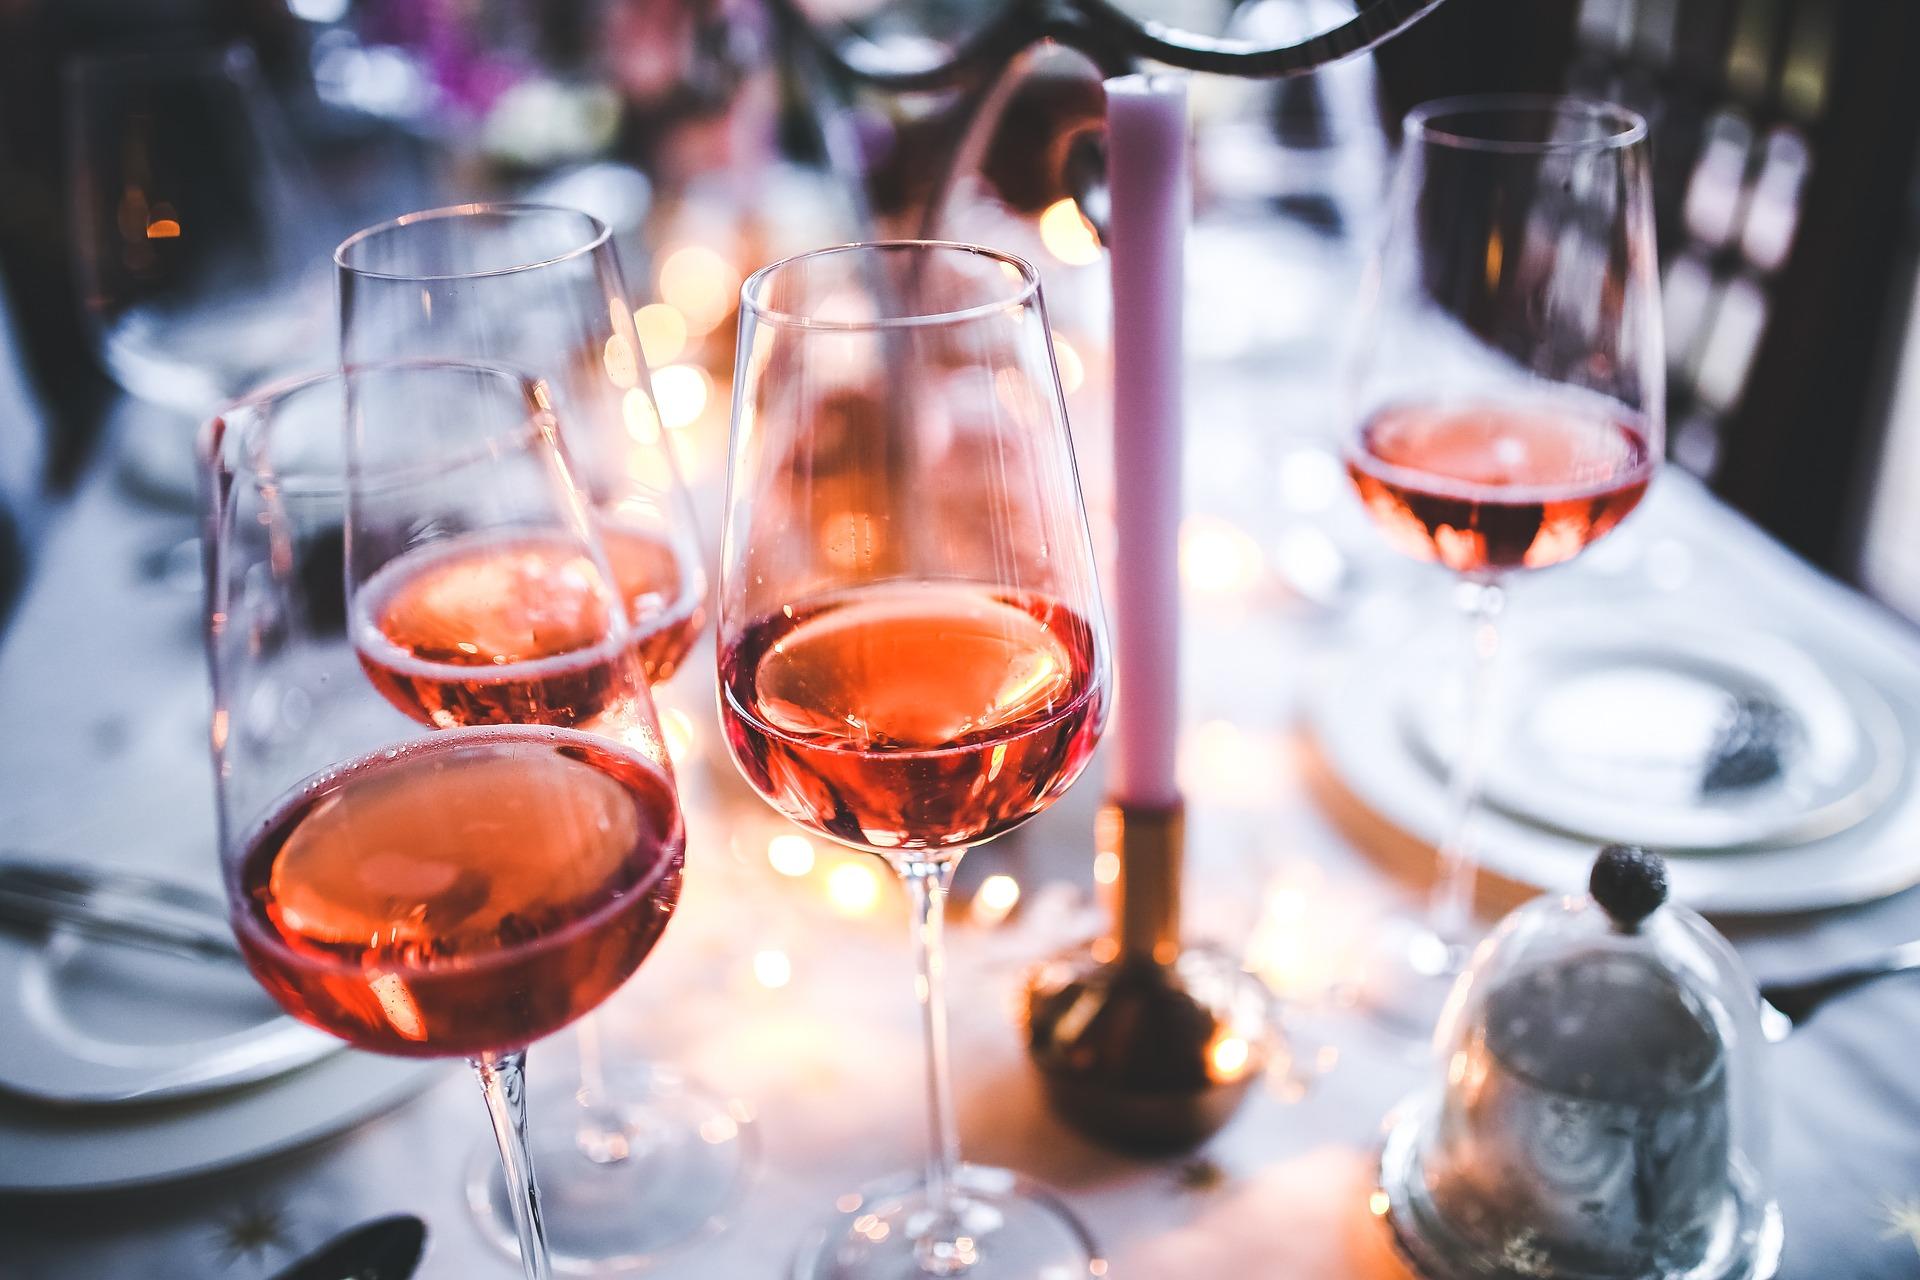 vino su tovaglia bianca